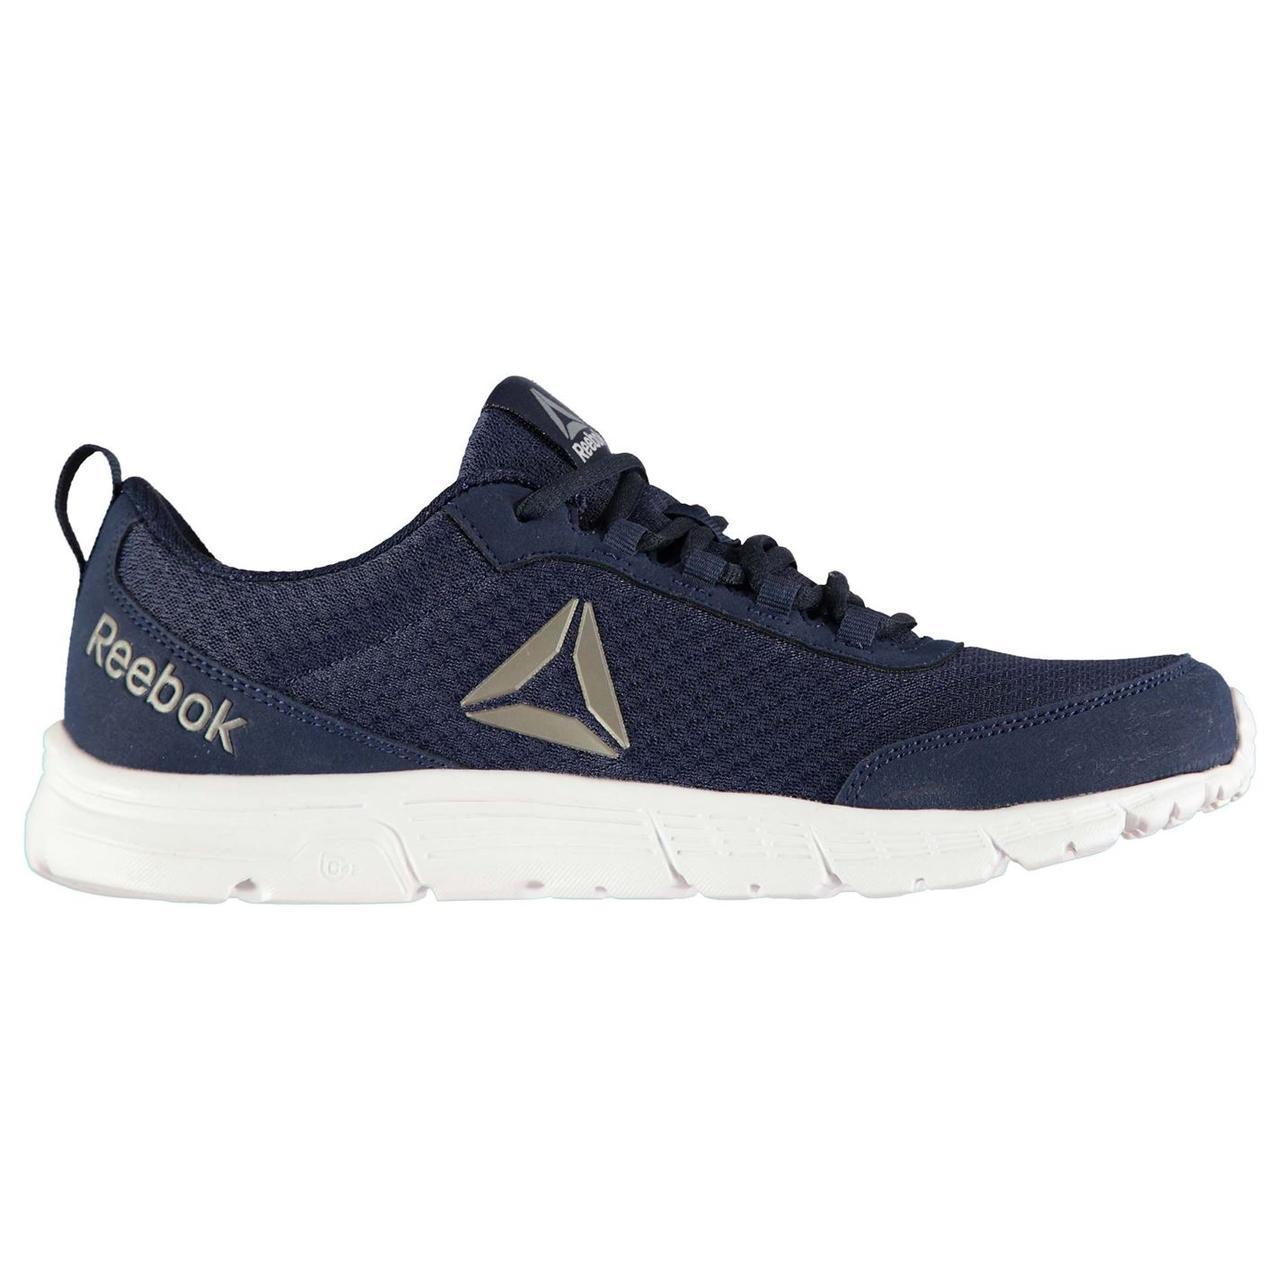 Мужские кроссовки Reebok Quick Motion Mens Trainers 45.5 30 см Темно-синие (12009522-R)